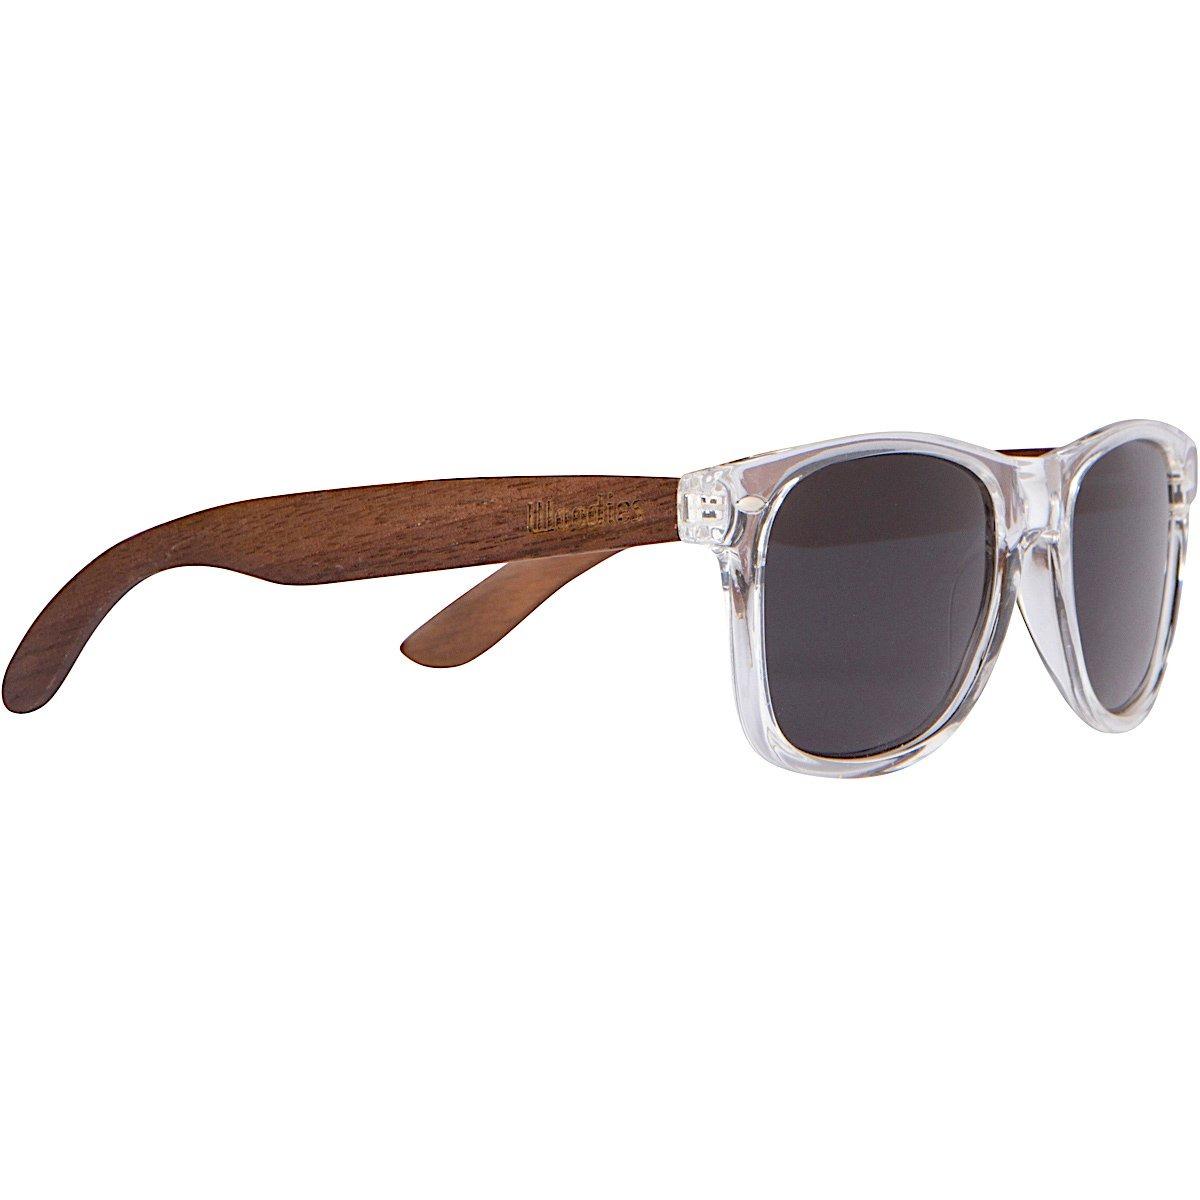 5deddc0ea woodies gafas de sol de madera de nogal con marco transpa. Cargando zoom.